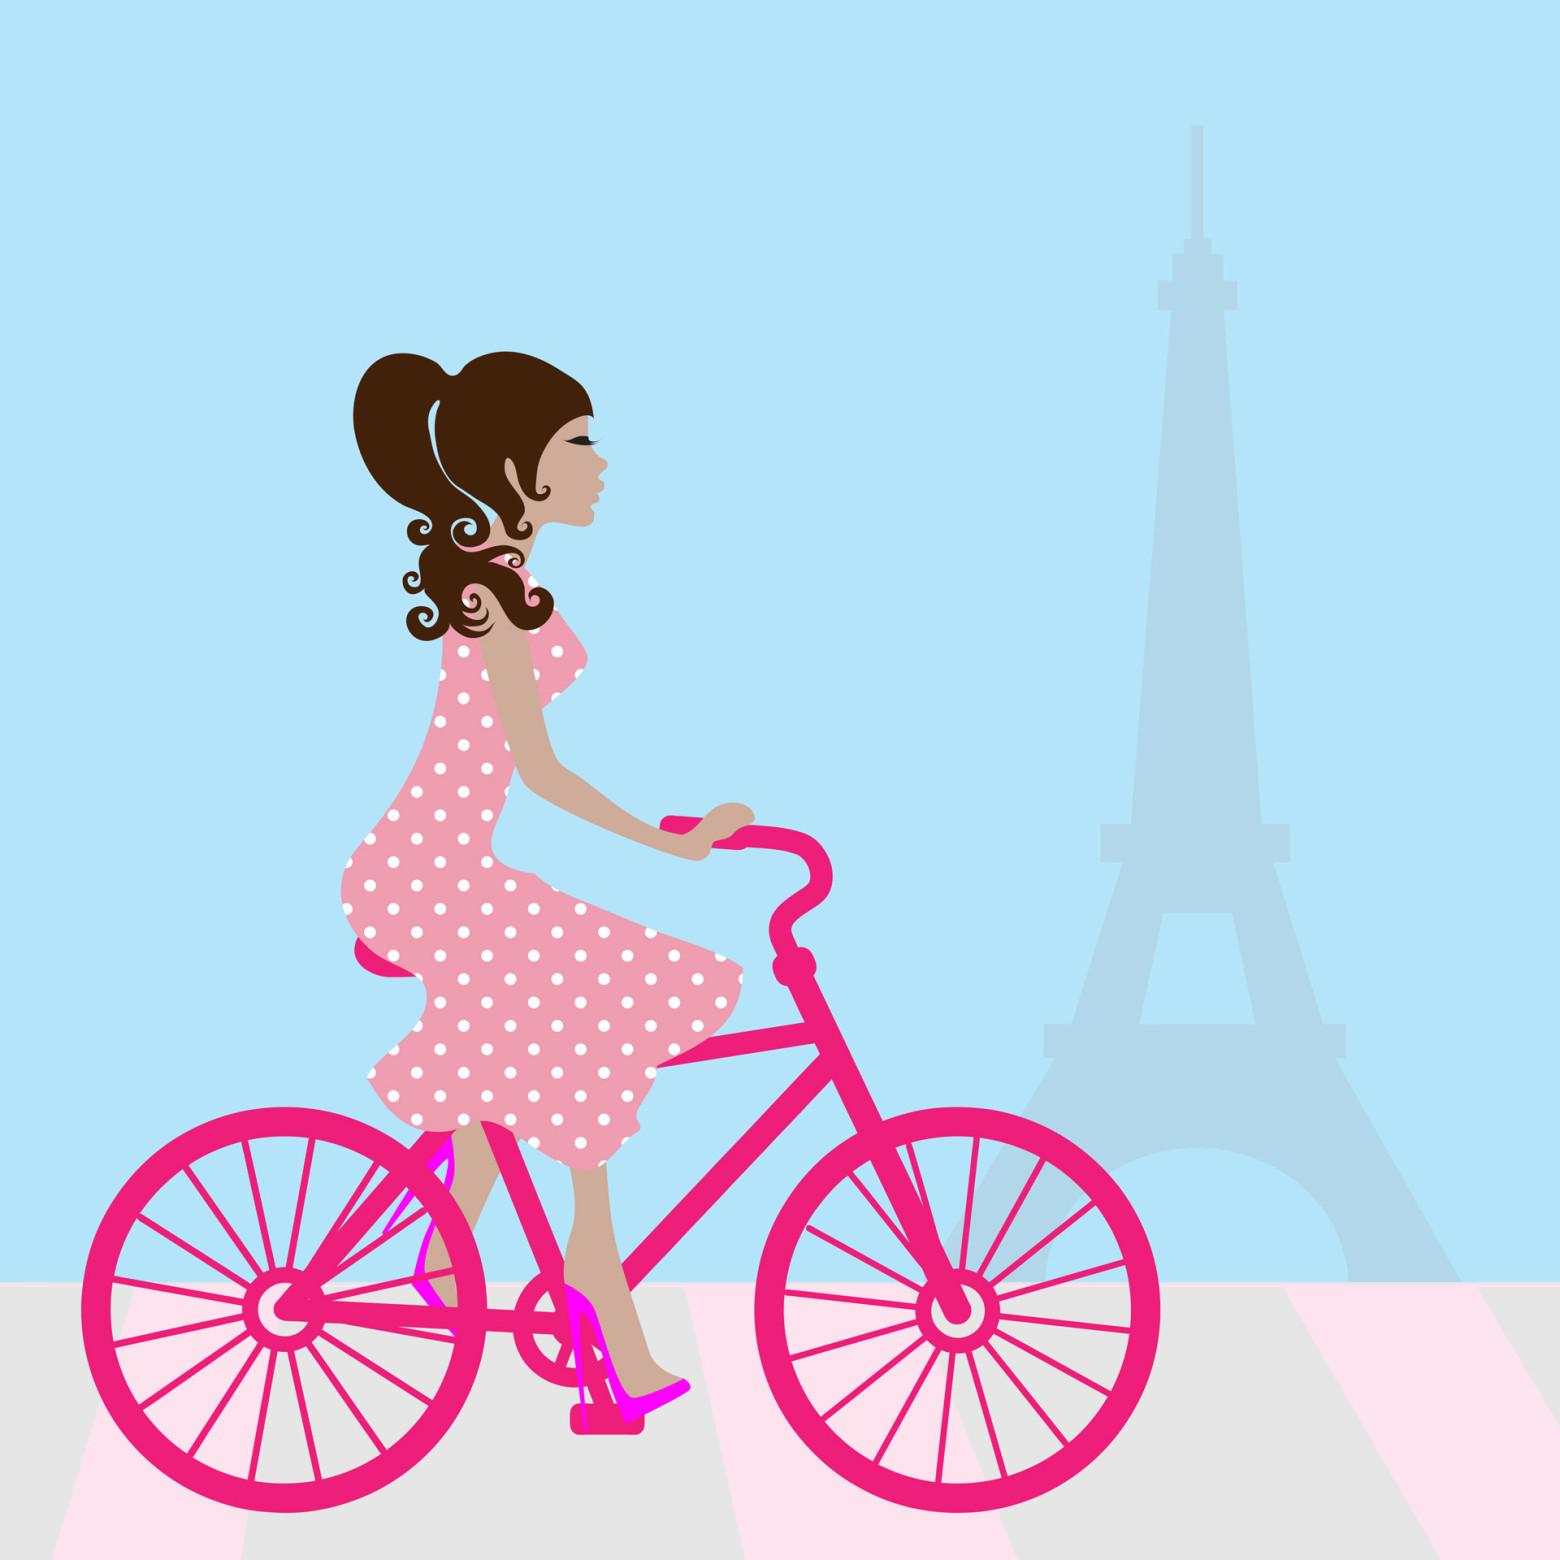 Illustration femme v lo fille bicyclette paris tour - Tour eiffel photos gratuites ...